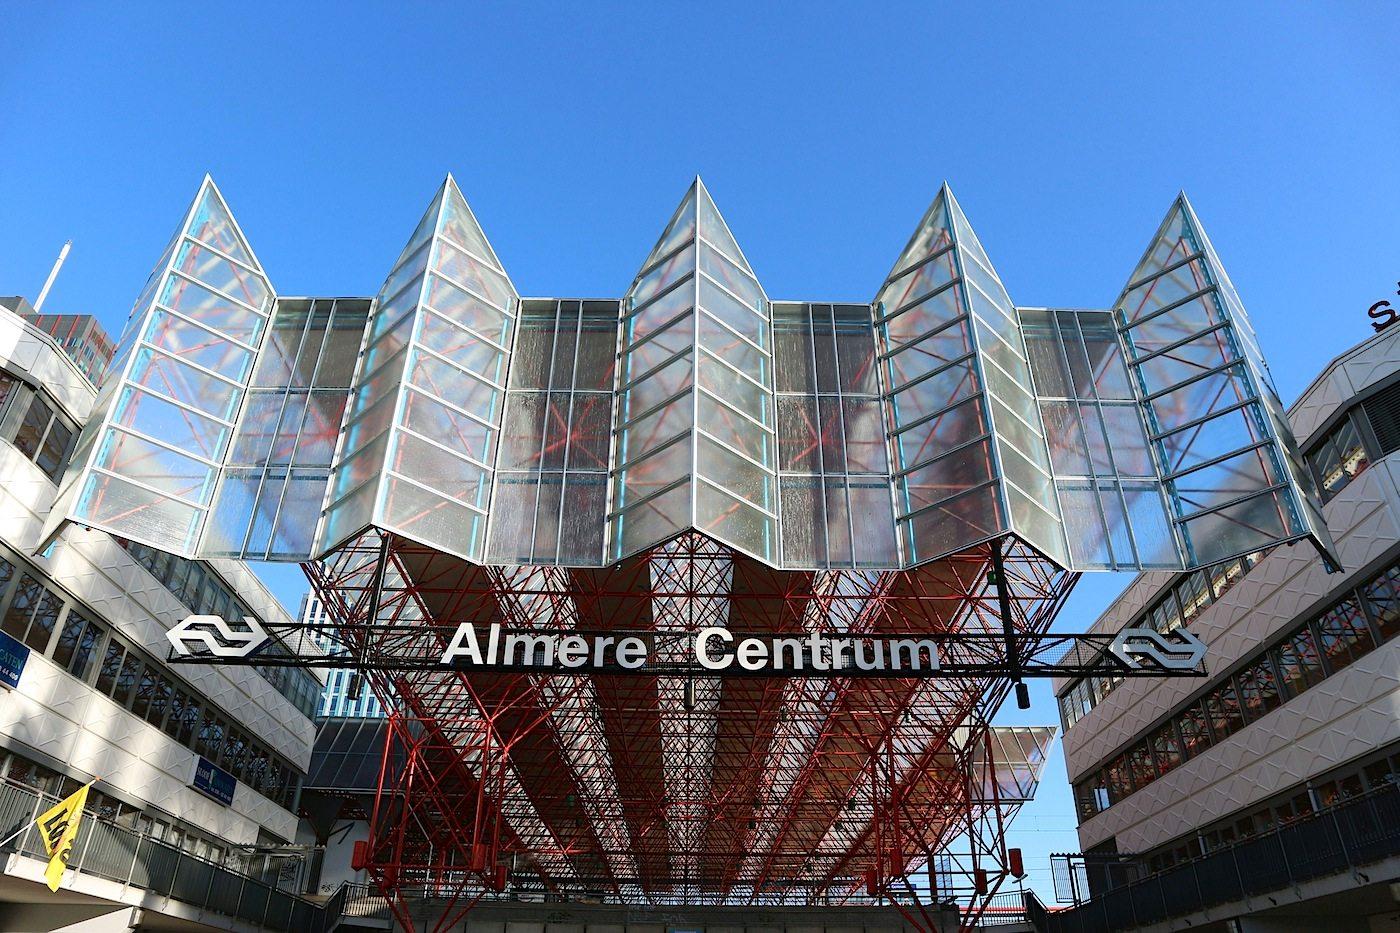 Almere Centrum. Funktional, nüchtern, expressiv: der Hauptbahnhof von Almere.